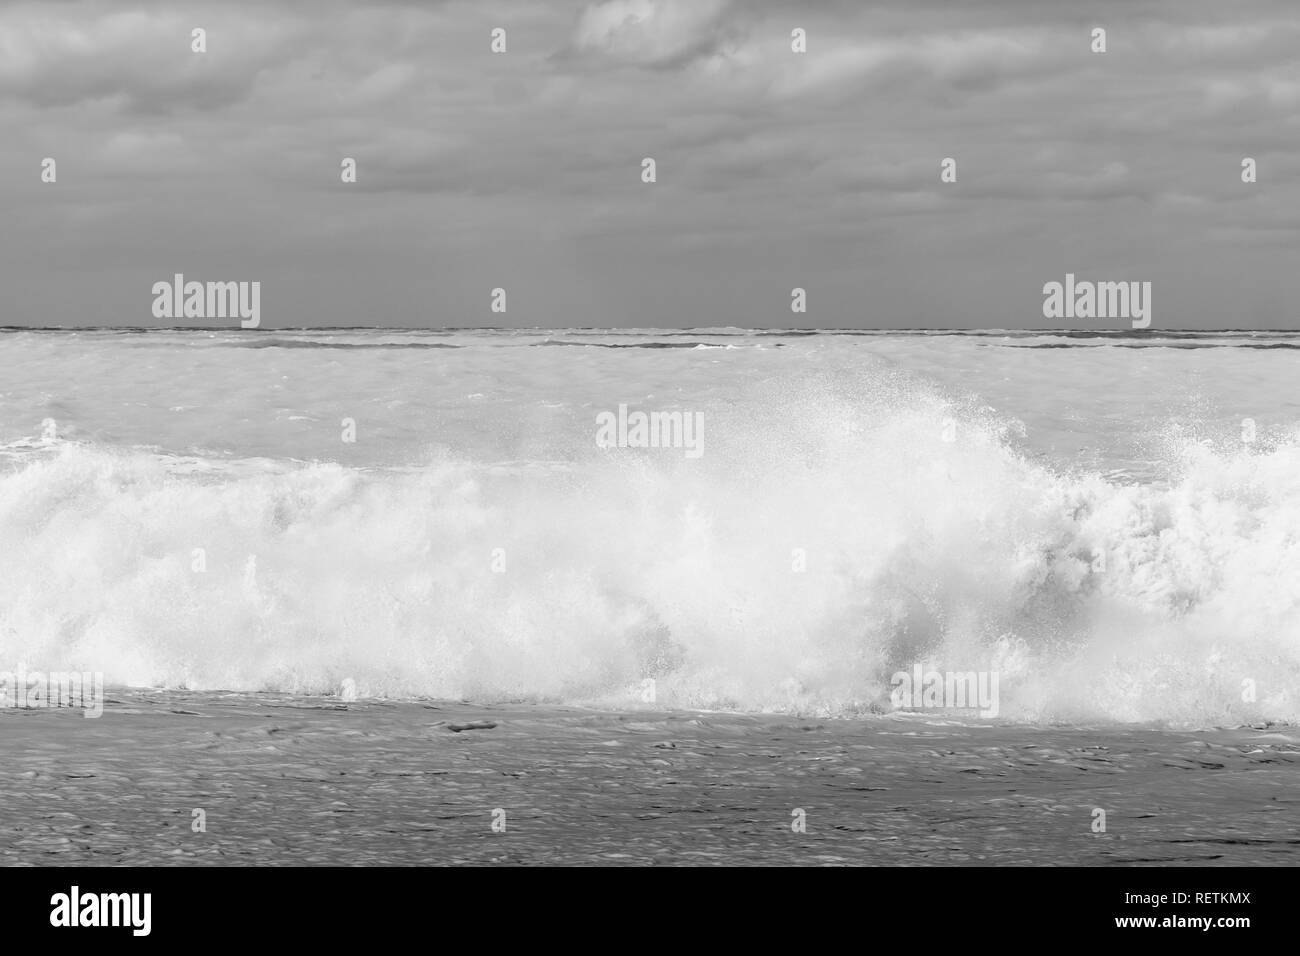 Large dangerous breaking waves on shingle foreshore at Birdlings Flat on Banks Peninsula New Zealand - Stock Image